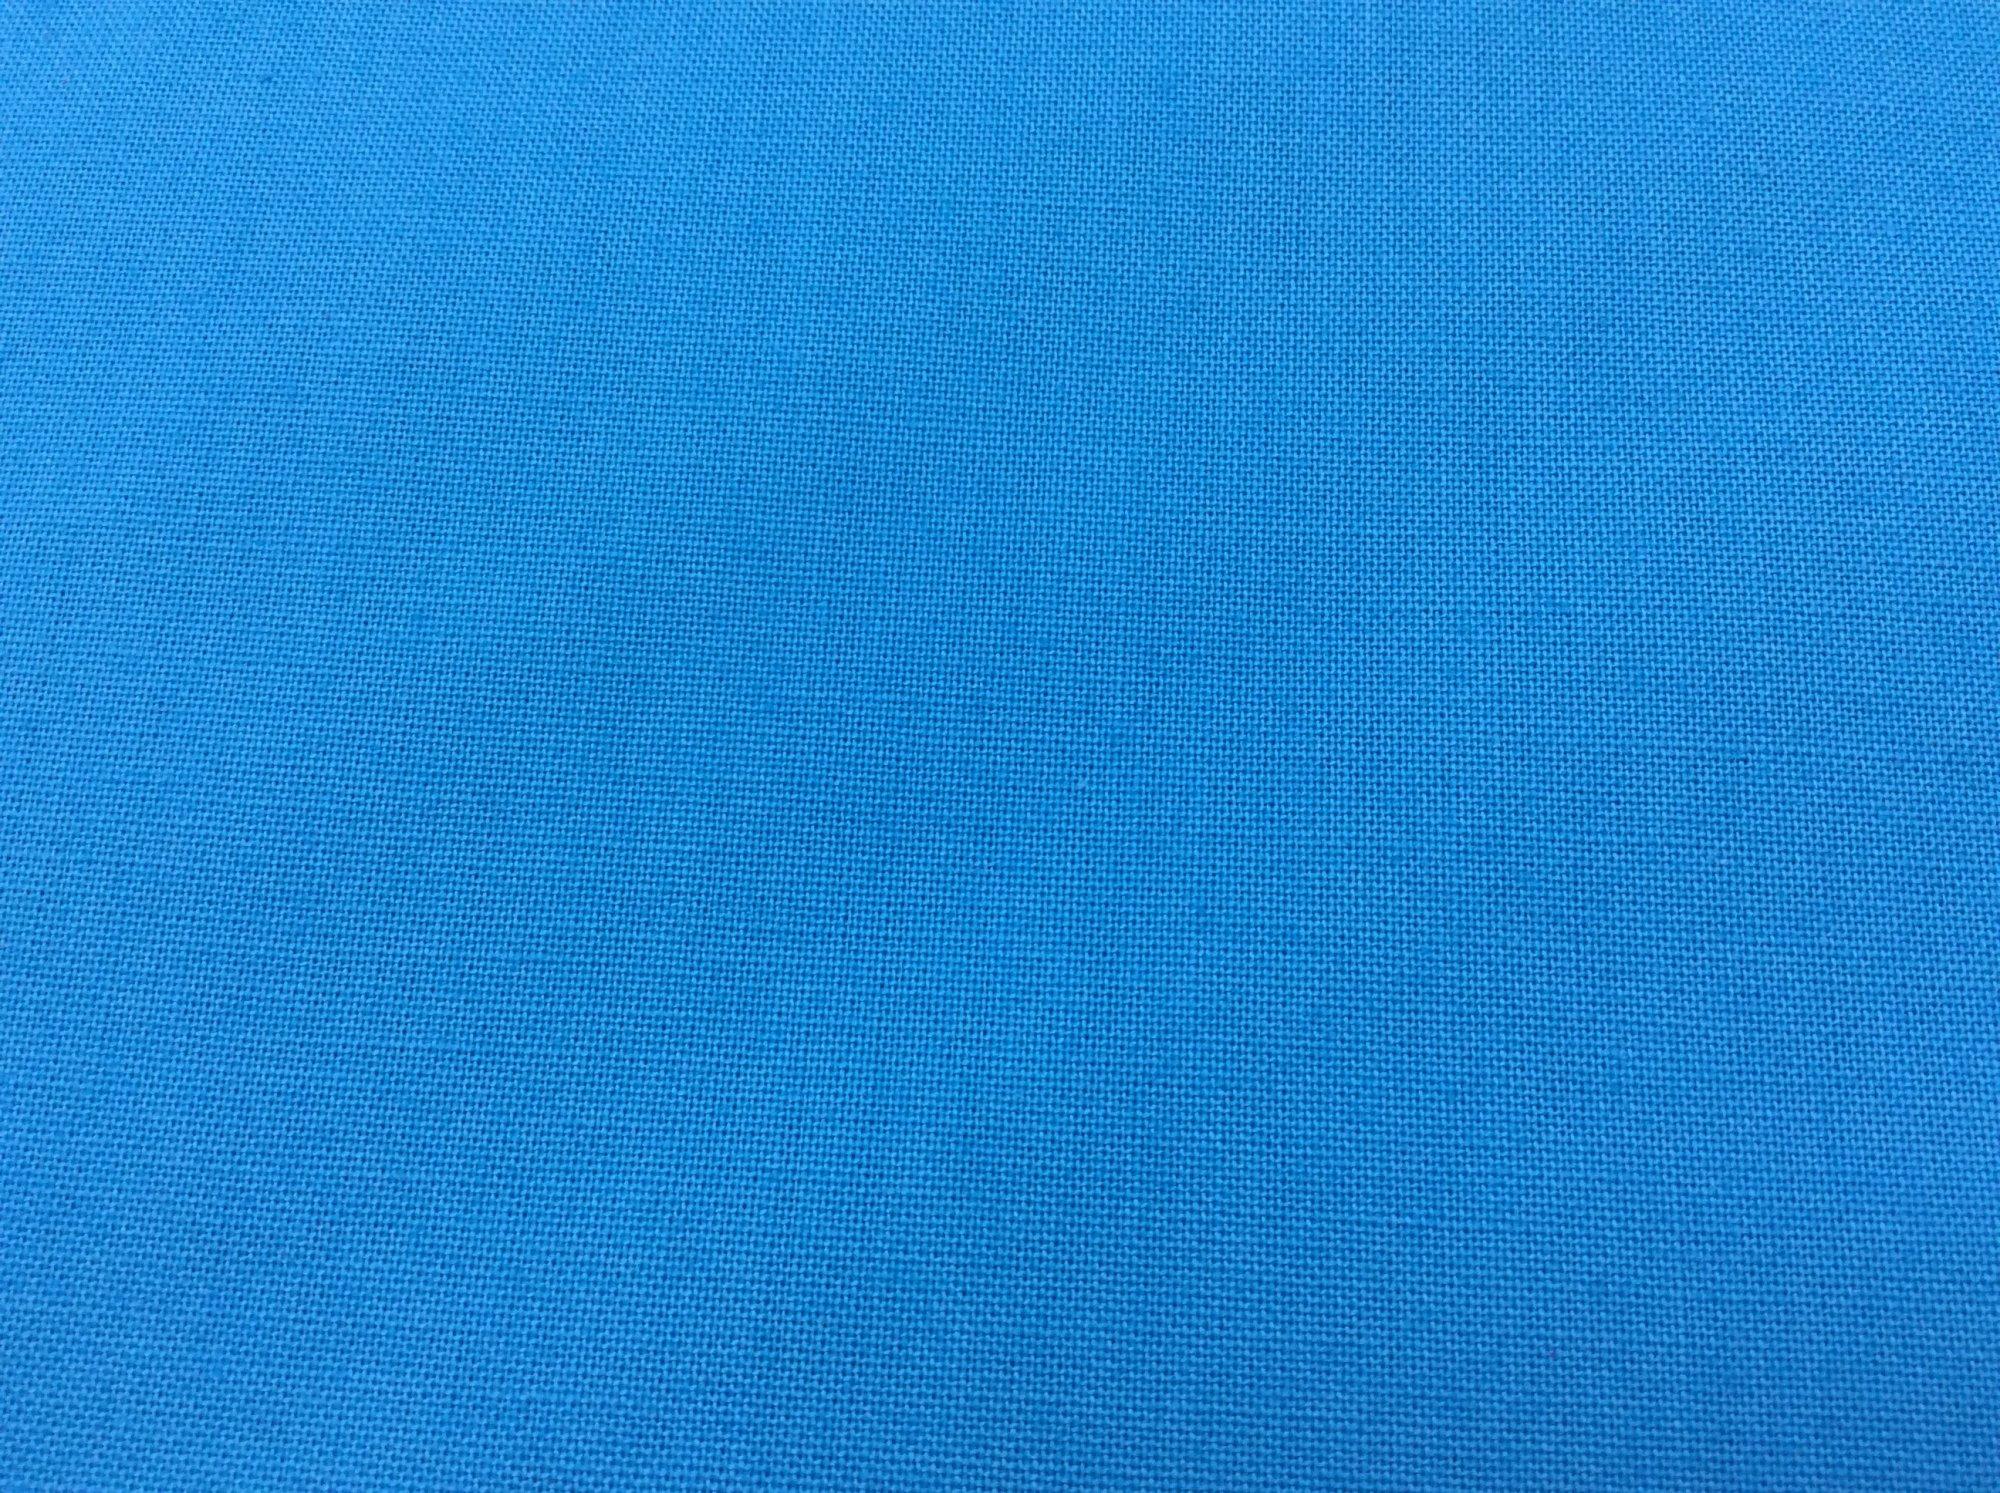 108 Wide Back Robert Kaufman  Kona Turquoise Solid